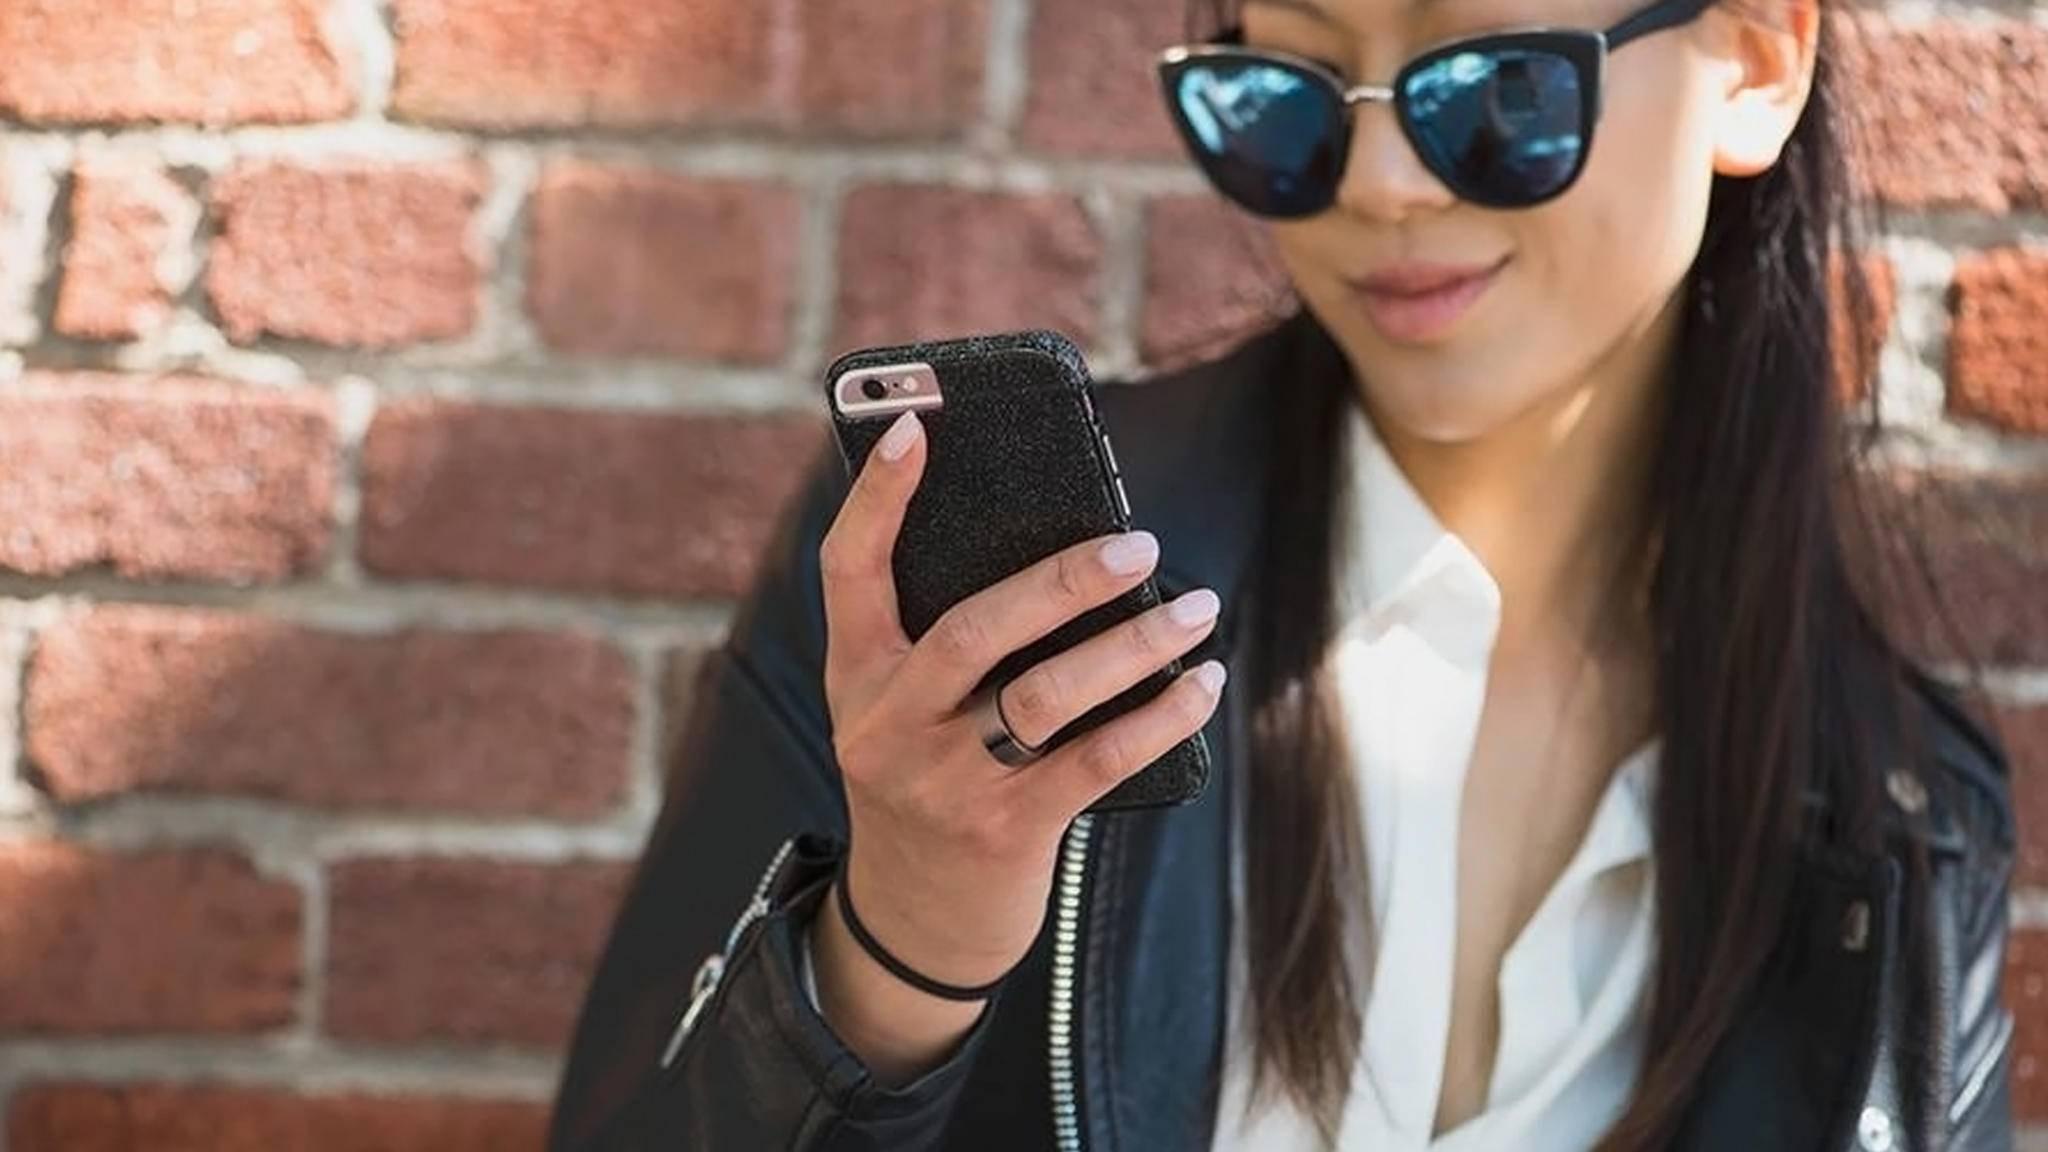 Der Motiv-Ring findet in Zukunft bei Bedarf auch Dein Handy.